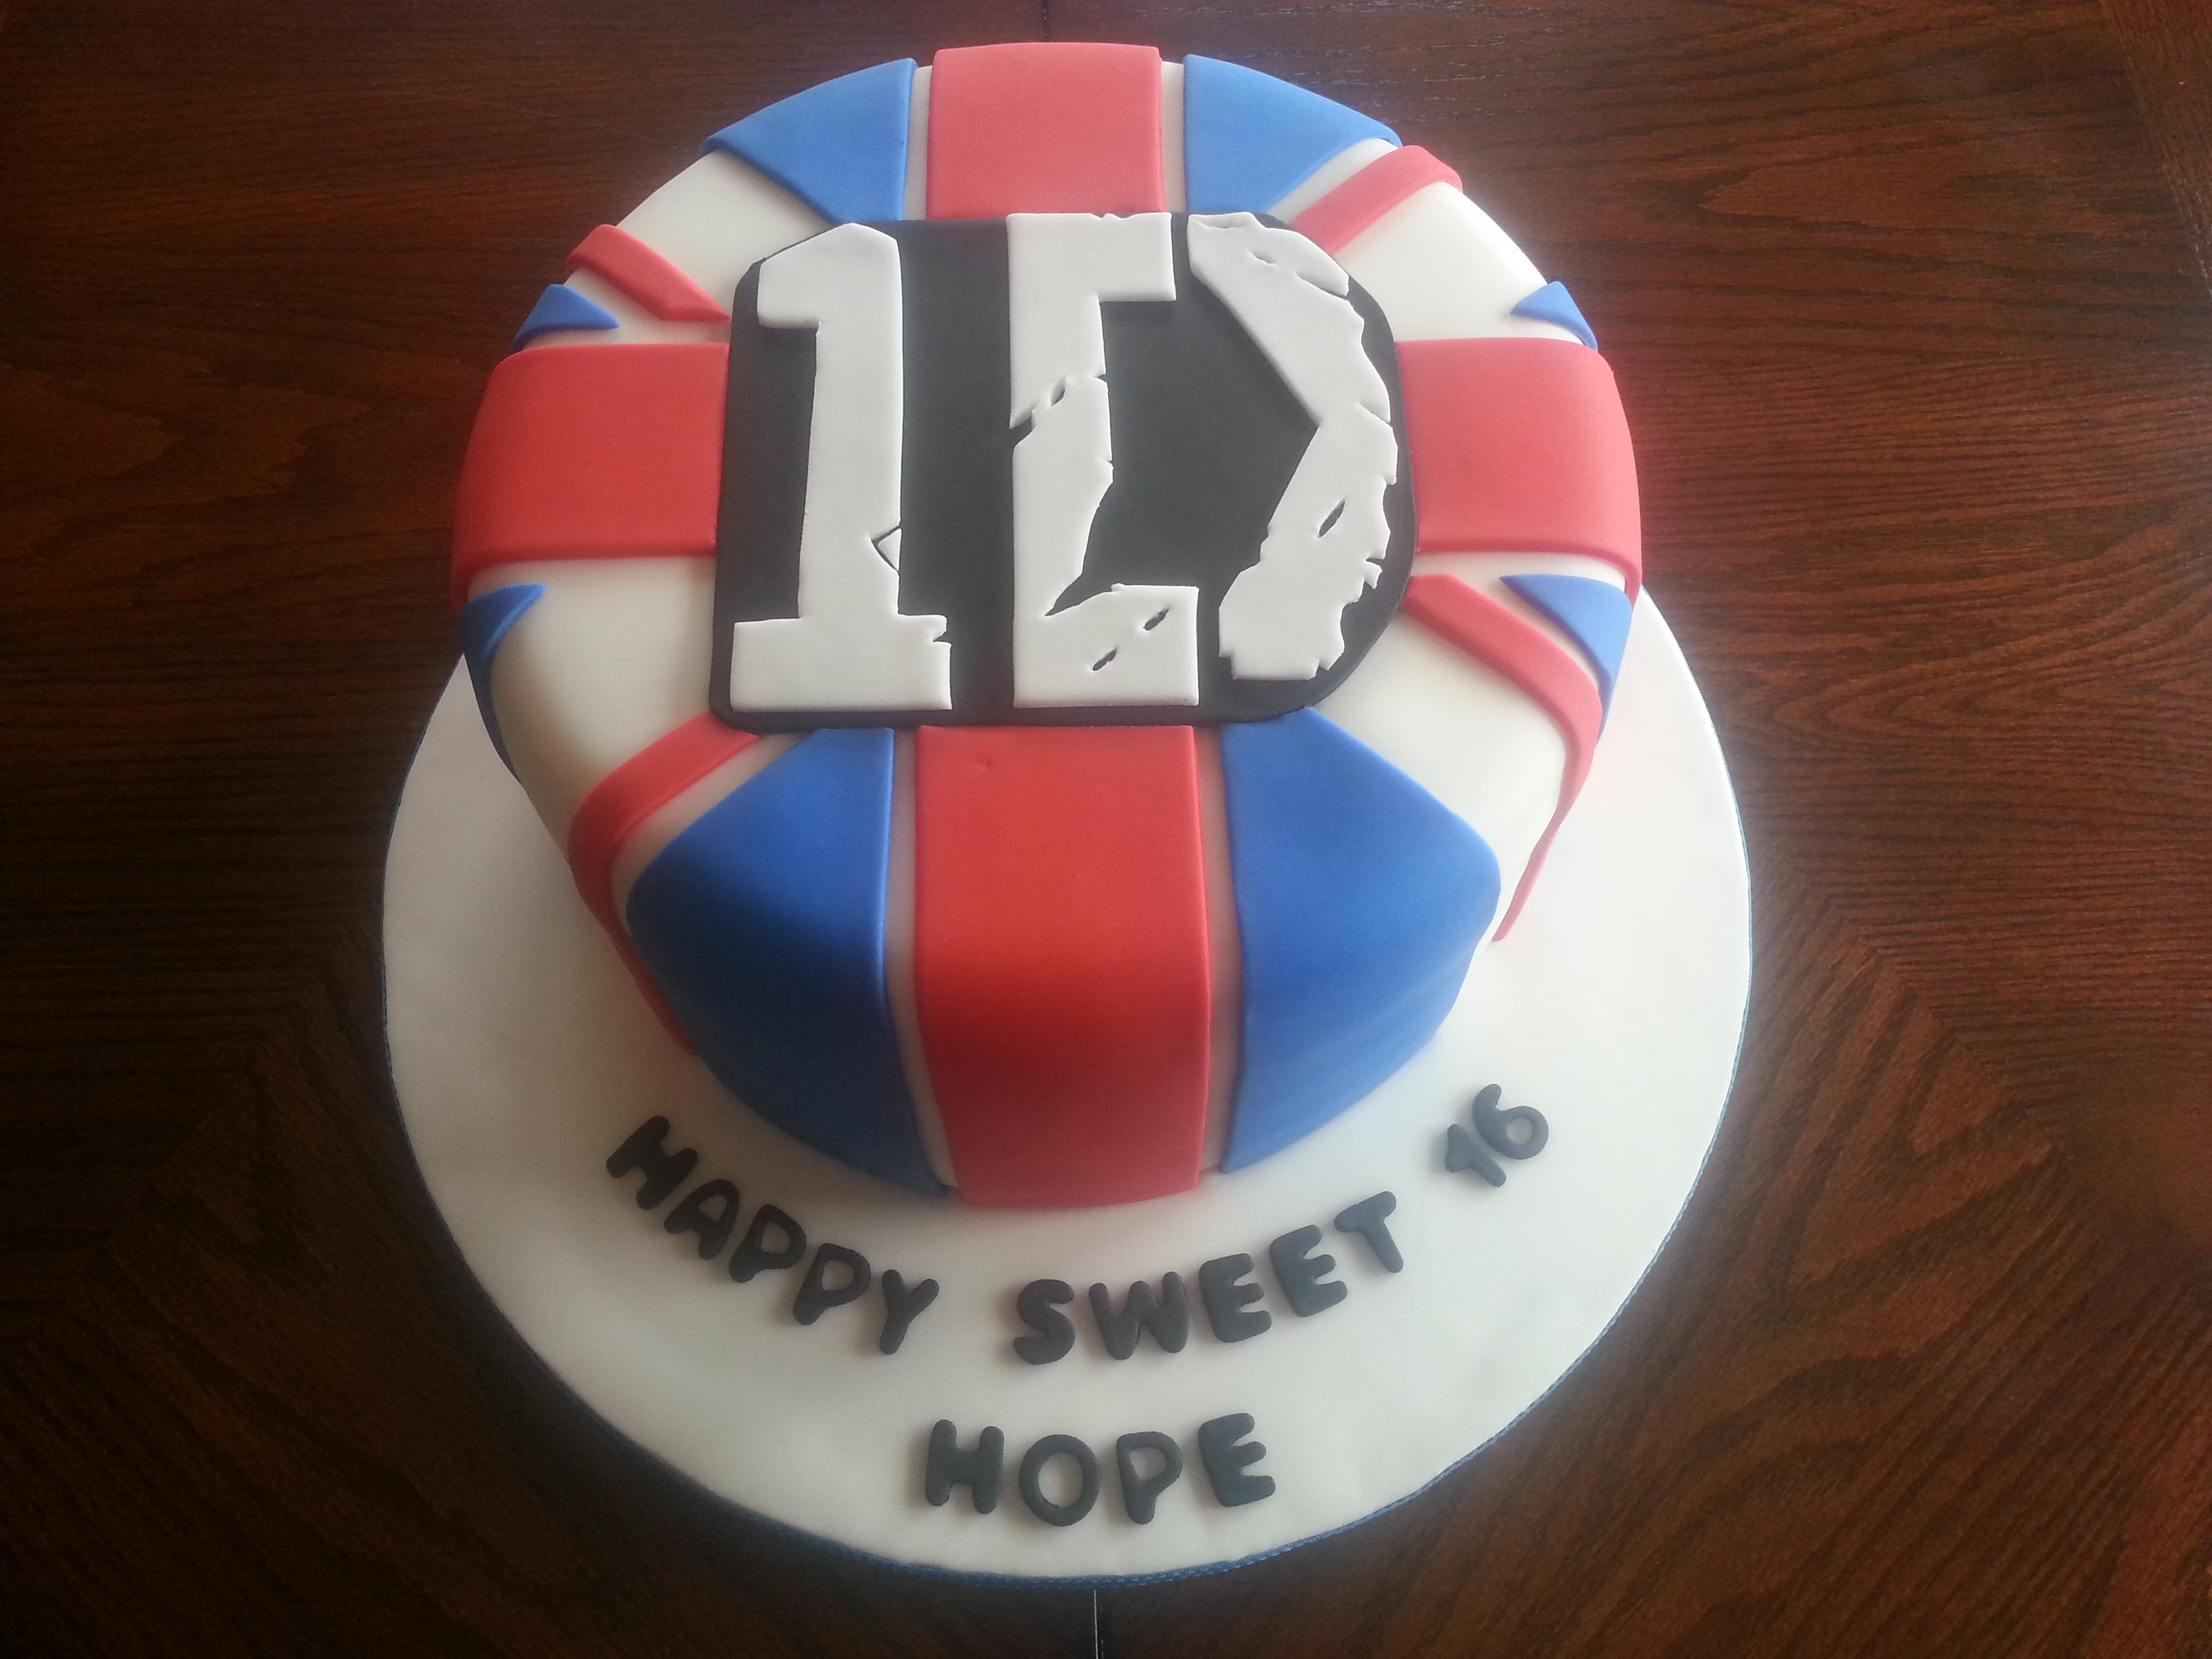 Typical British Birthday Cakes